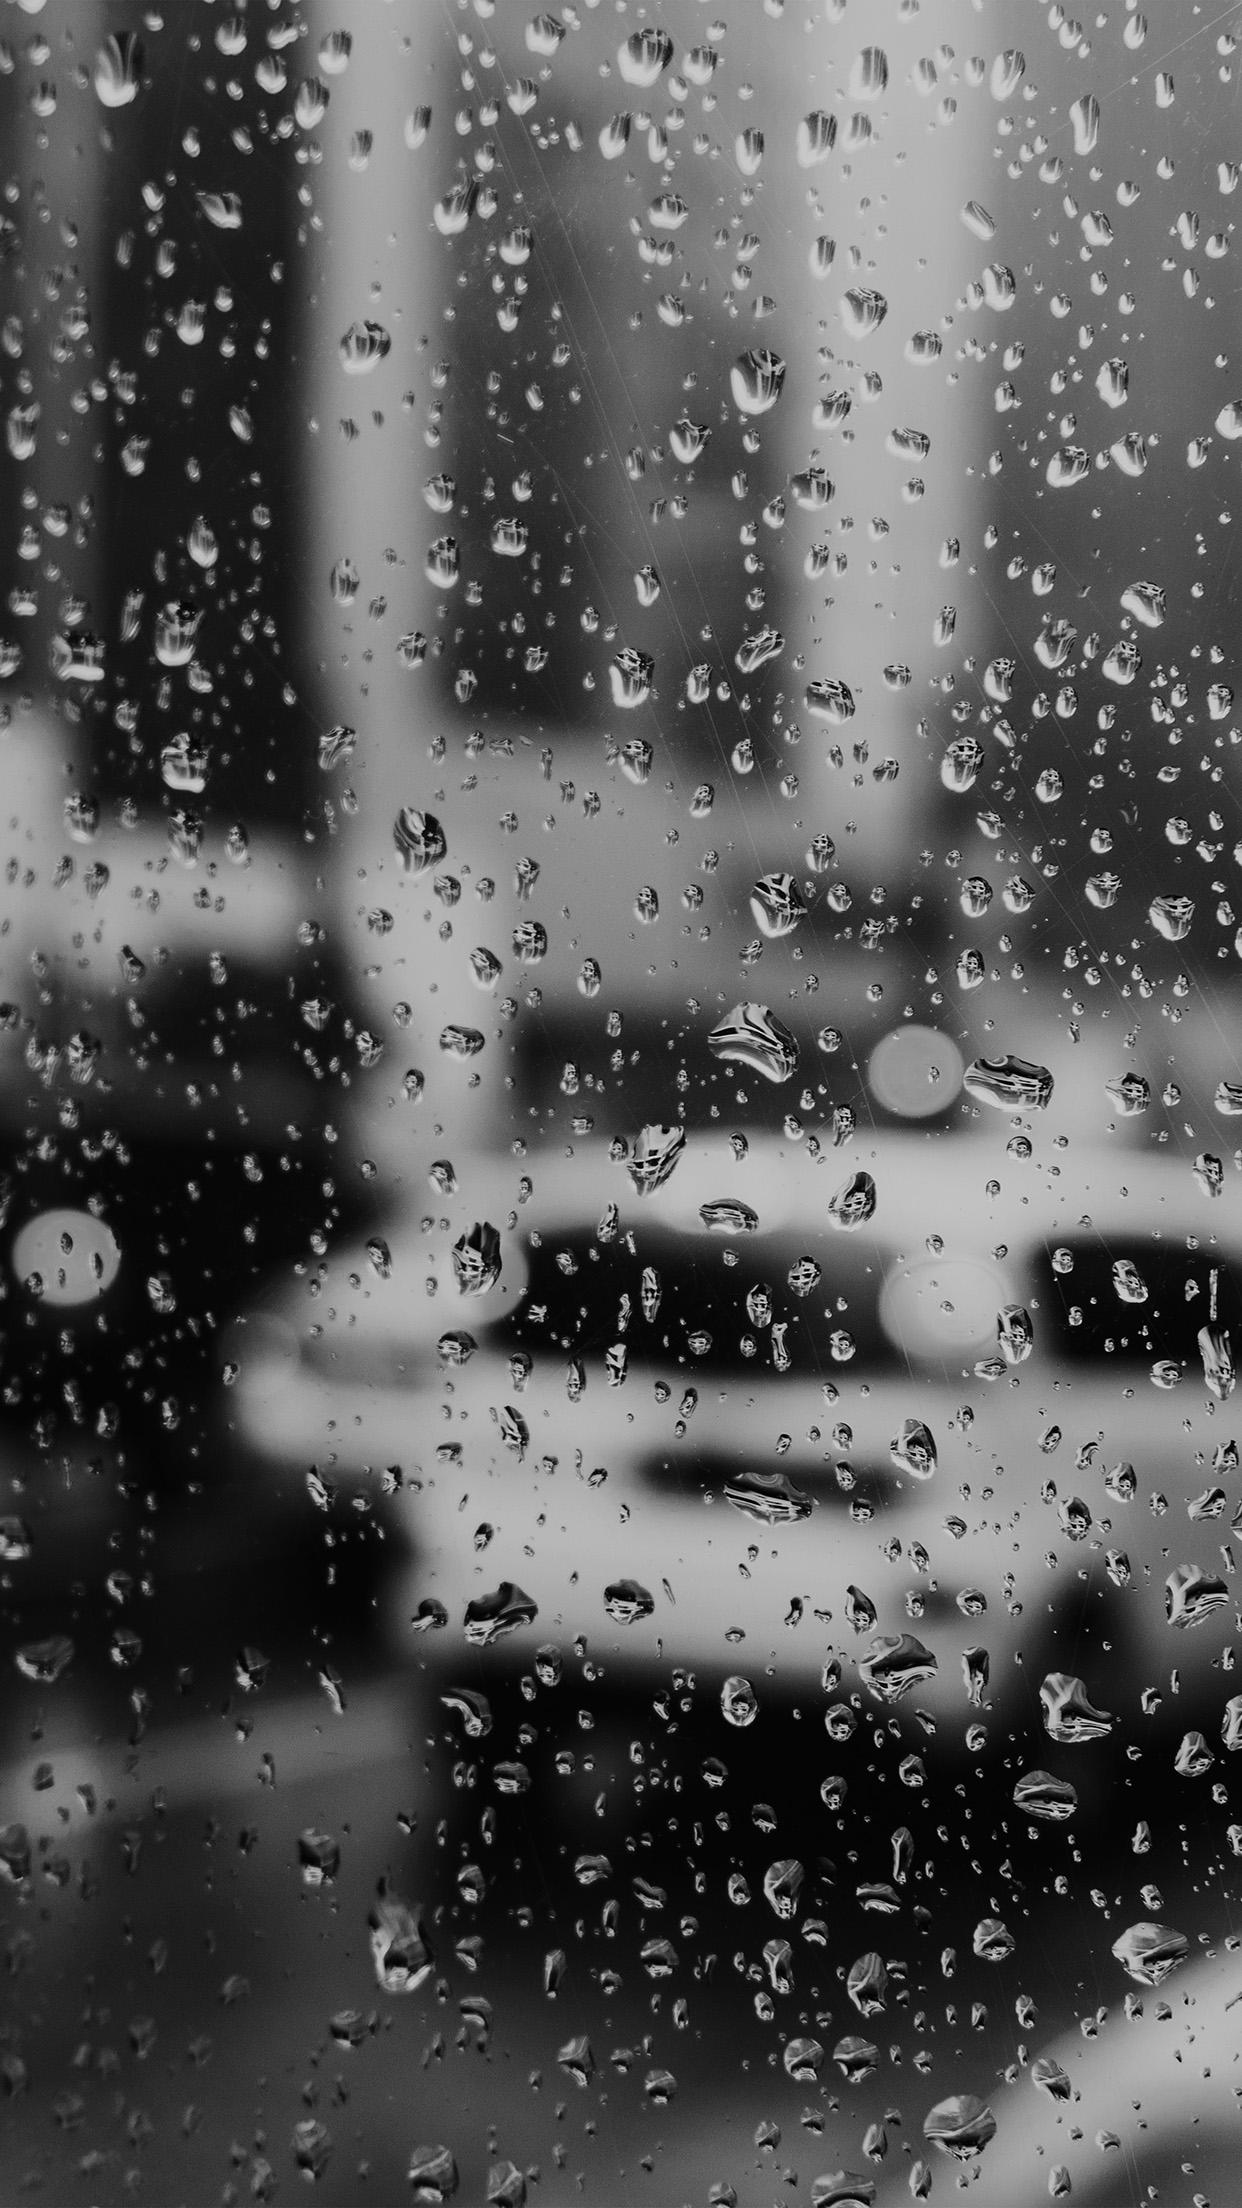 Iphonexpapers Com Iphone X Wallpaper Nj02 Rain Window Bokeh Art Car Sad Bw Dark